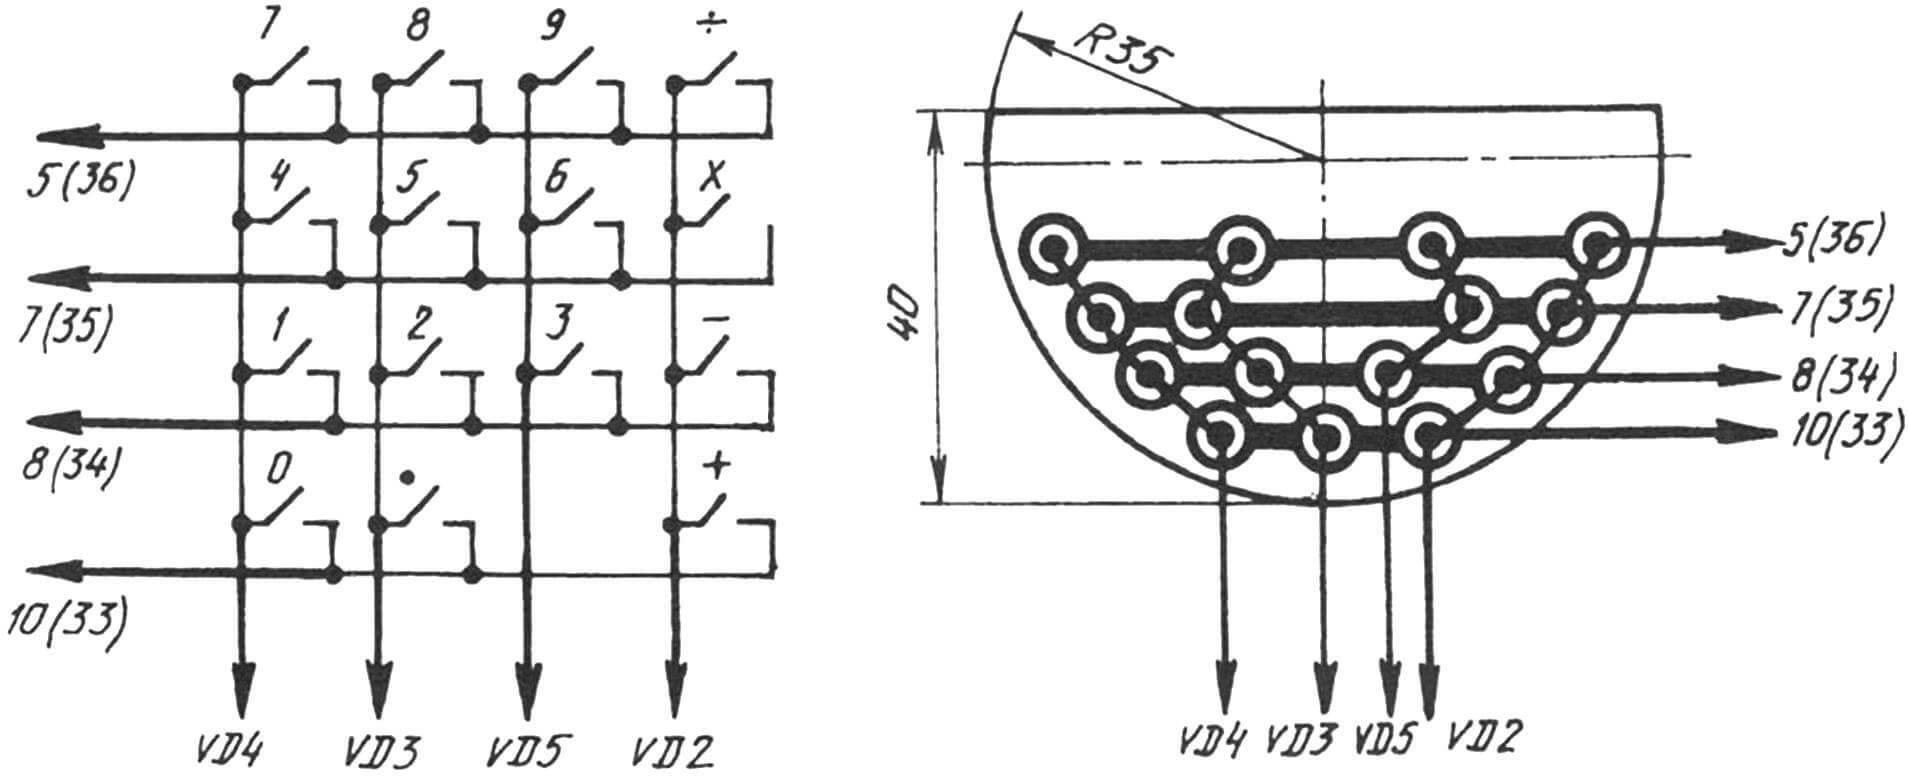 Рис. 3. Электросхема и печатная плата микроклавиатуры